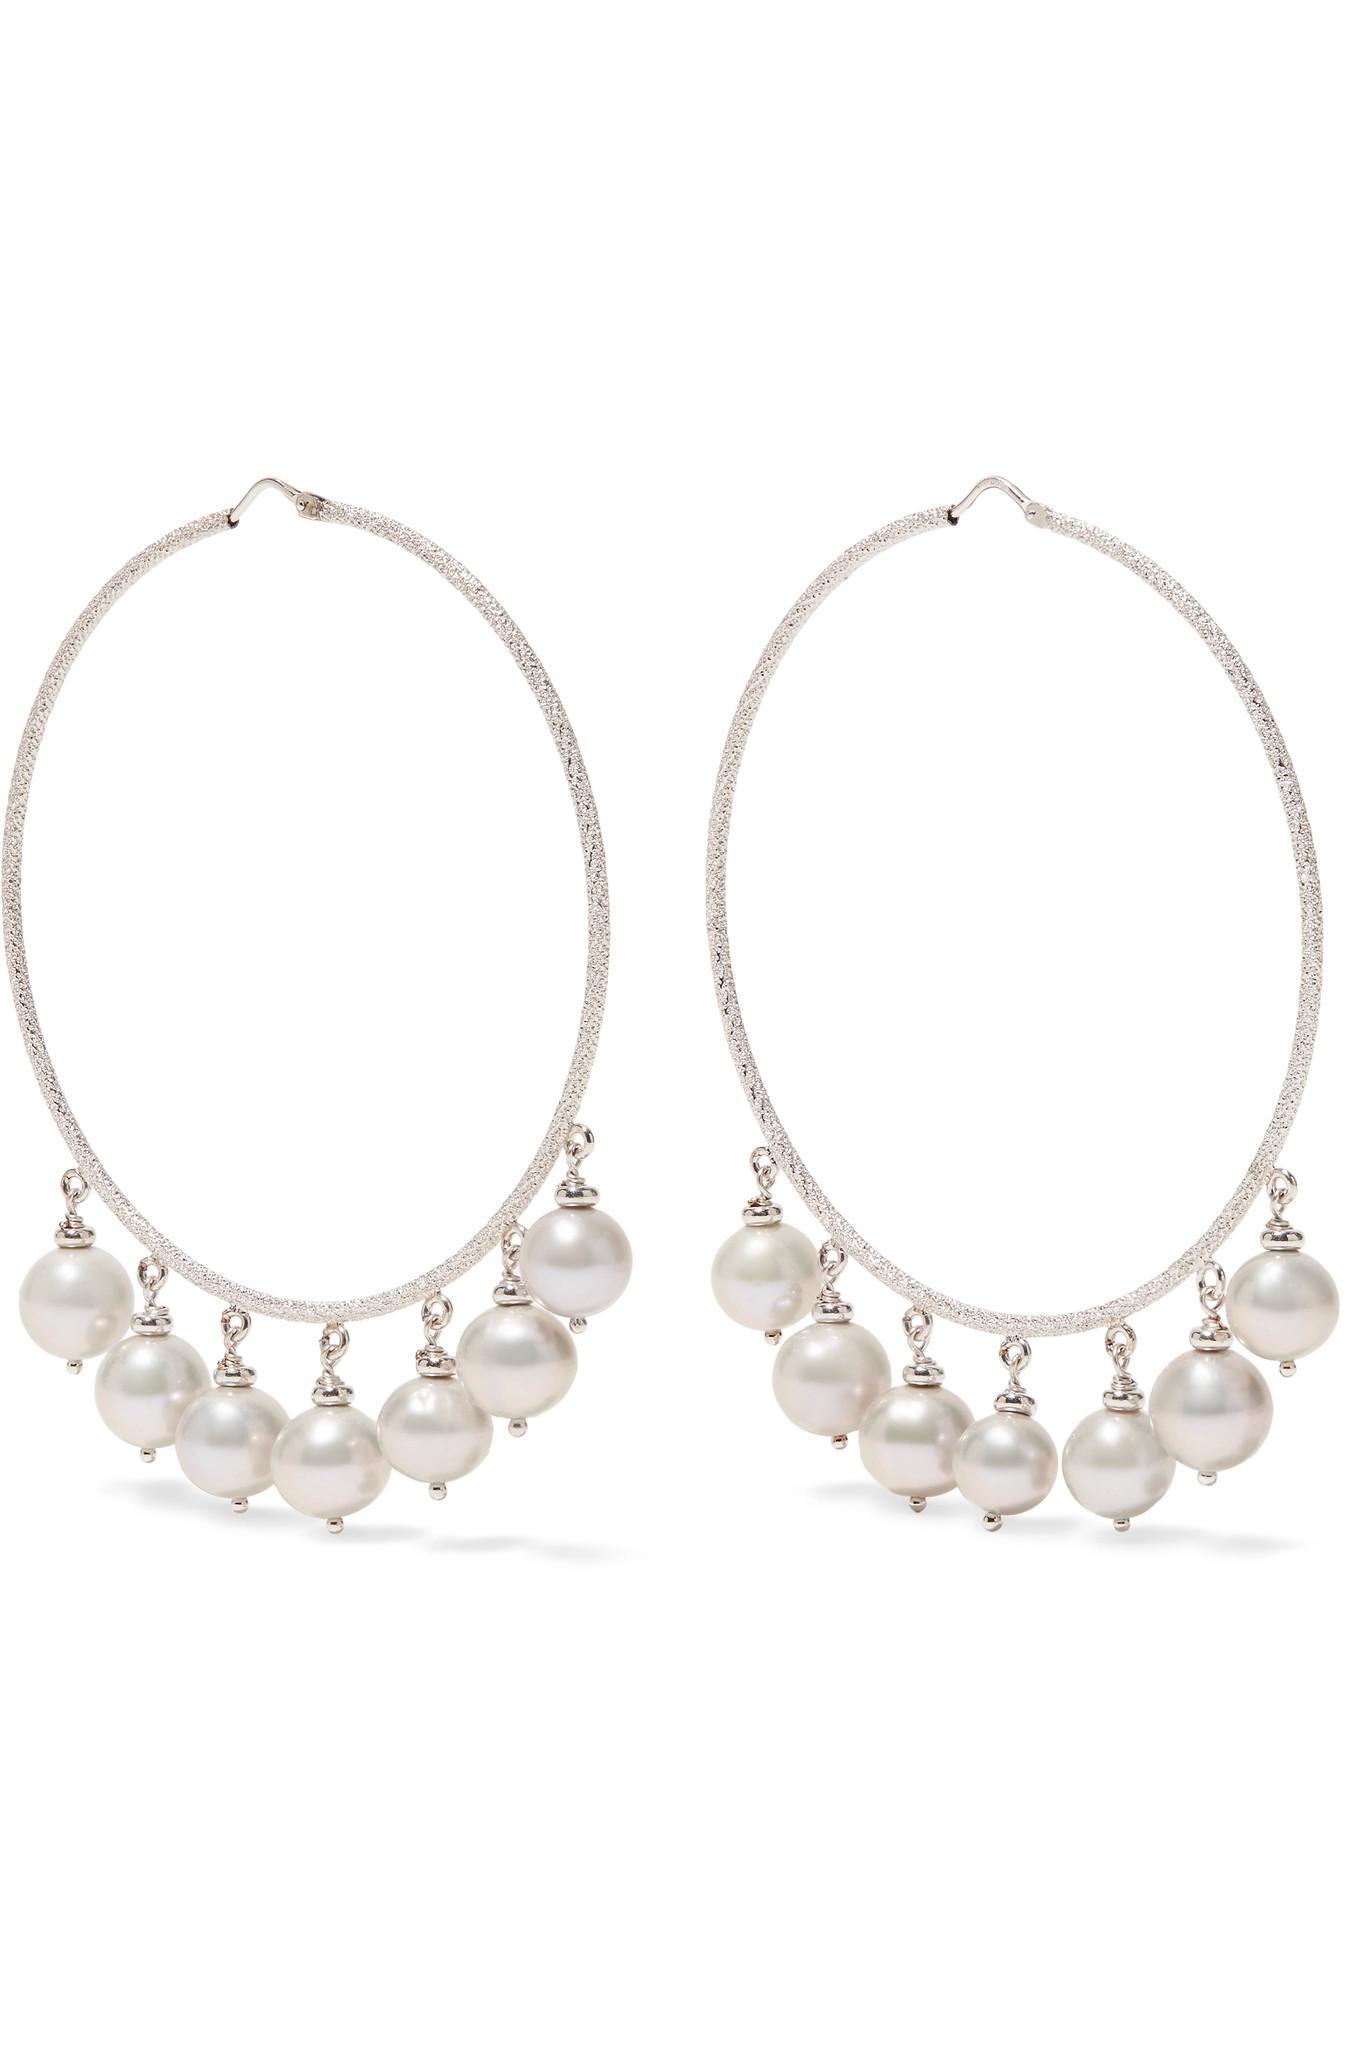 Carolina Bucci Woman 18-karat White Gold And Cord Earrings Gold Size ONESIZE Carolina Bucci dPMSpv